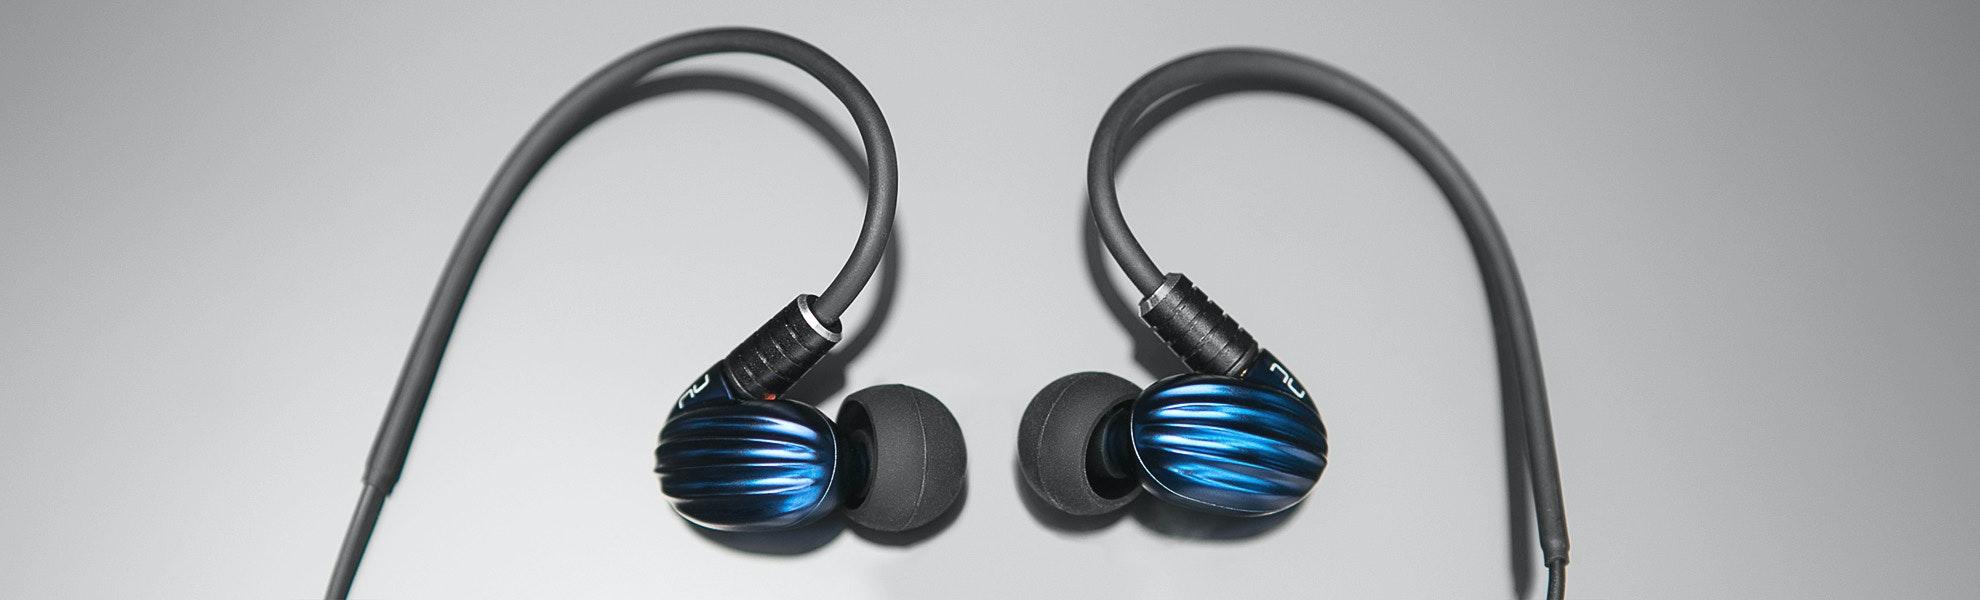 NuForce Primo8 Earphones